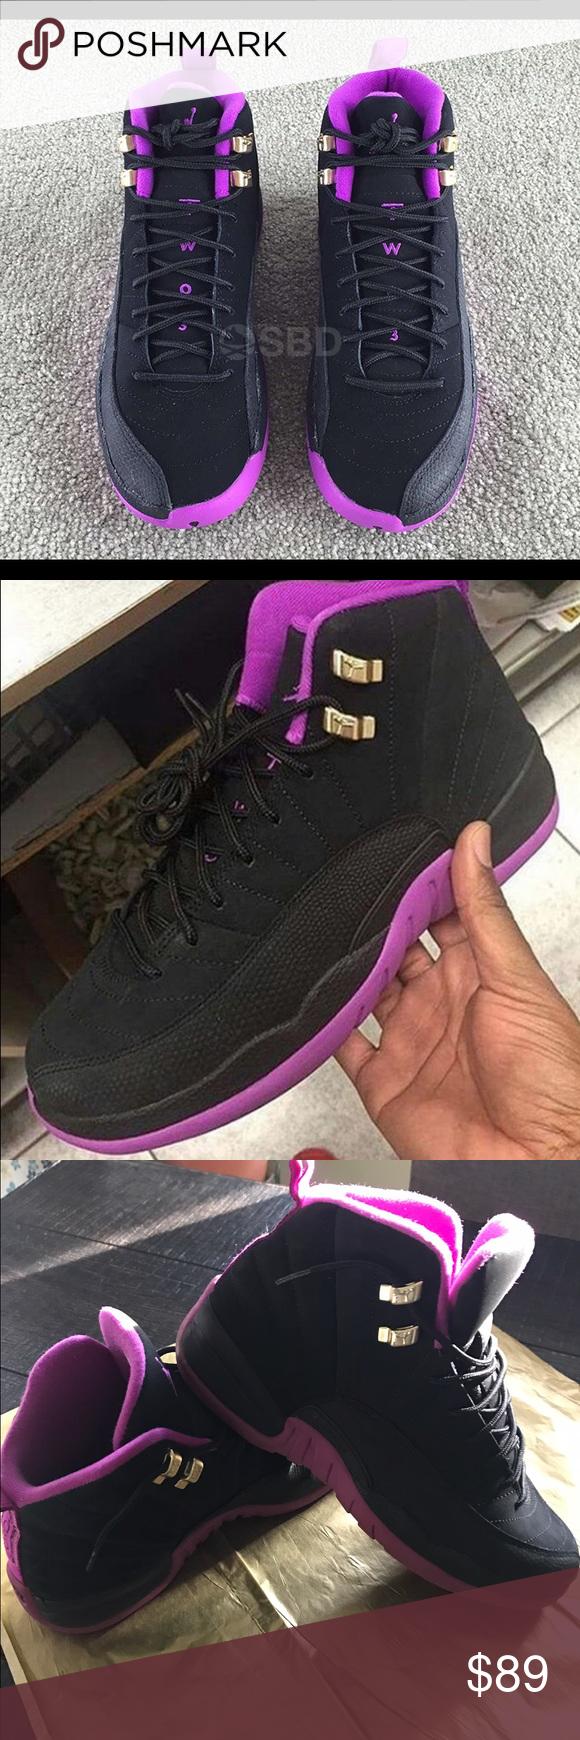 c583db42abf Jordan 12 sneaker size 9y, men's 9.5 women 11 Dressed in a Black, Metallic